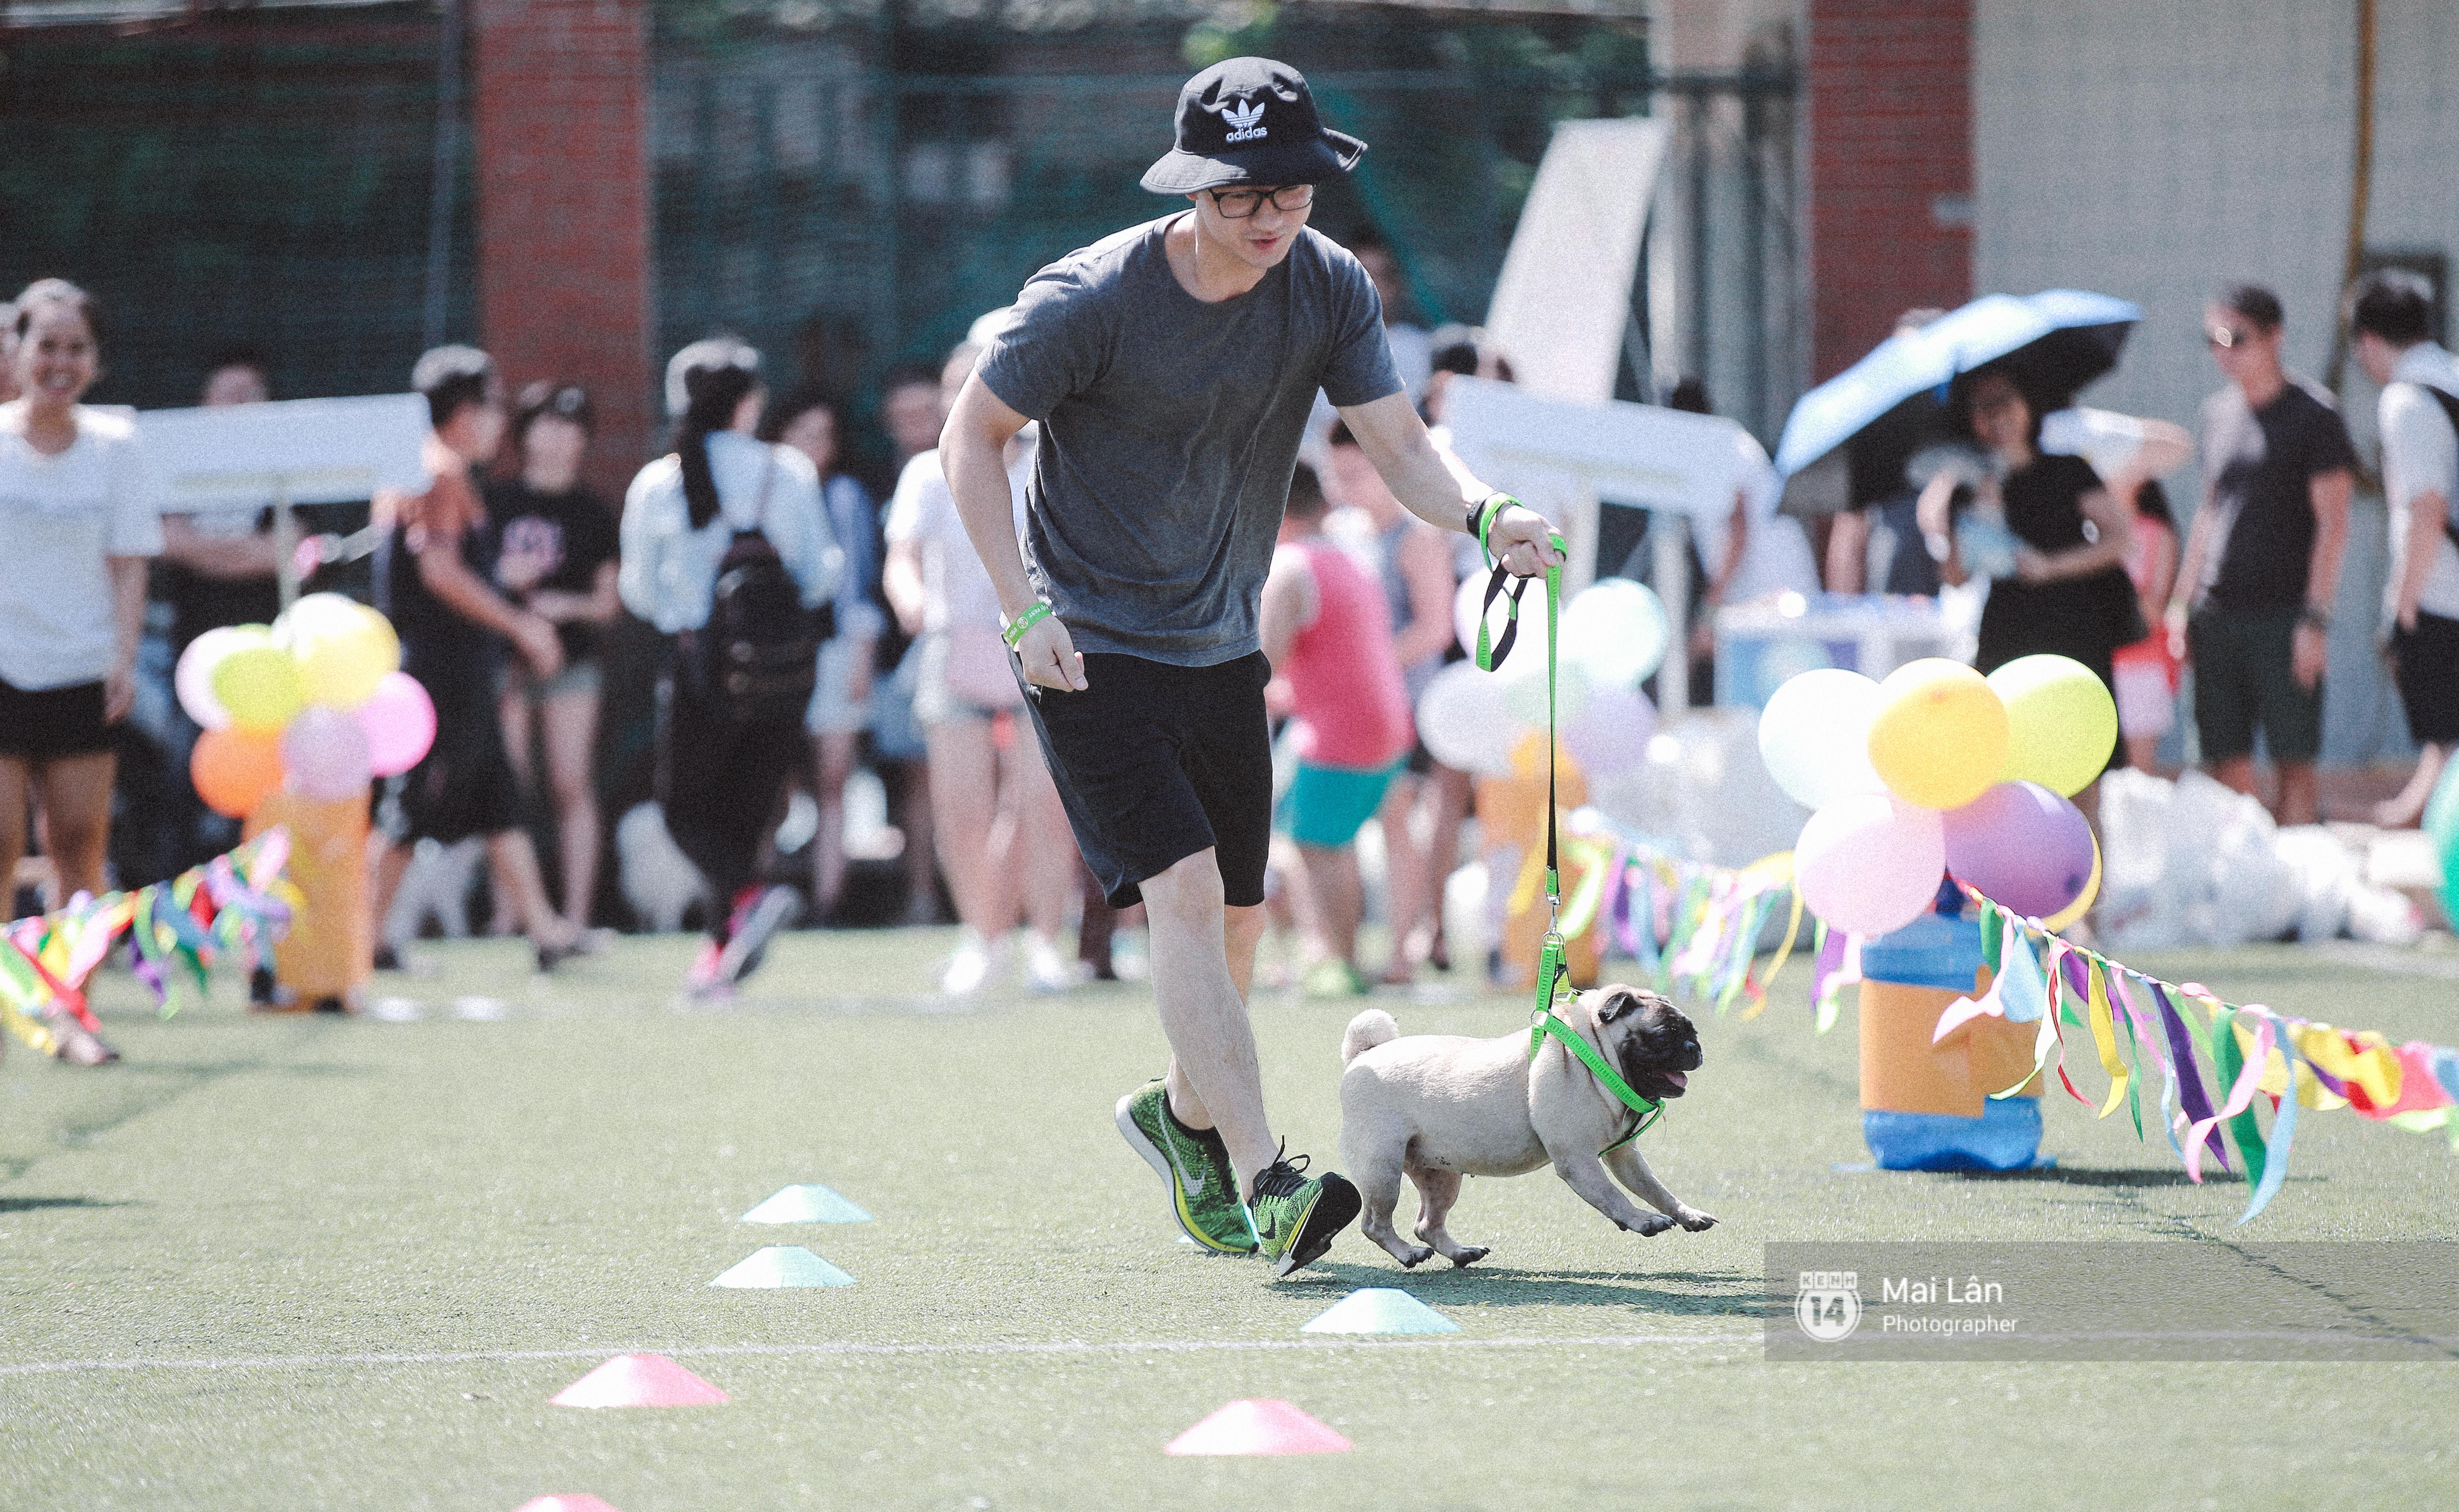 Lễ hội thể thao dành cho chủ và thú cưng độc đáo, đáng yêu nhất Hà Nội! - Ảnh 8.